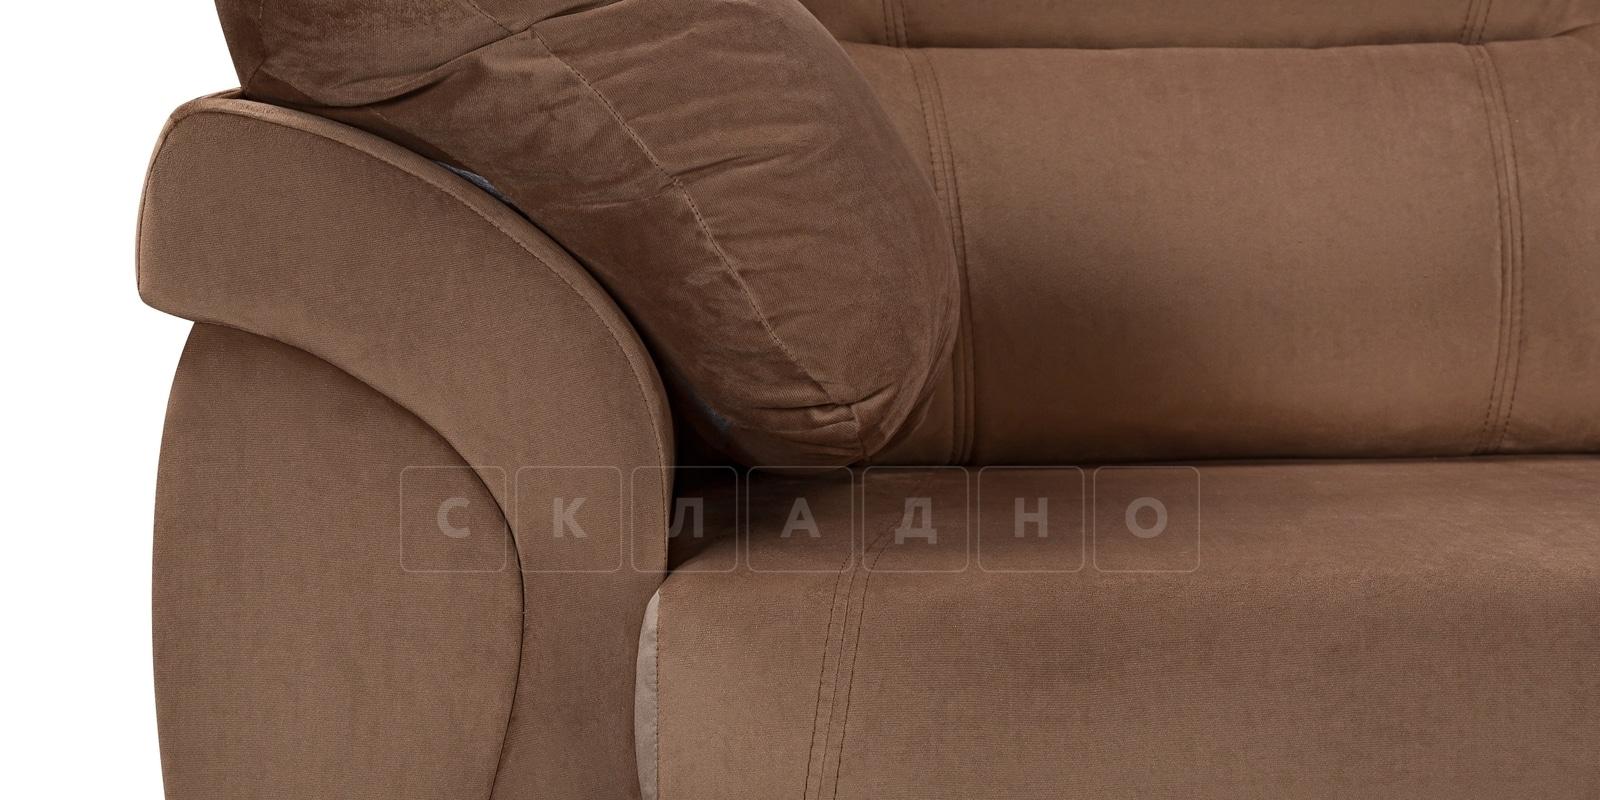 Диван Бристоль велюр коричневый фото 5 | интернет-магазин Складно